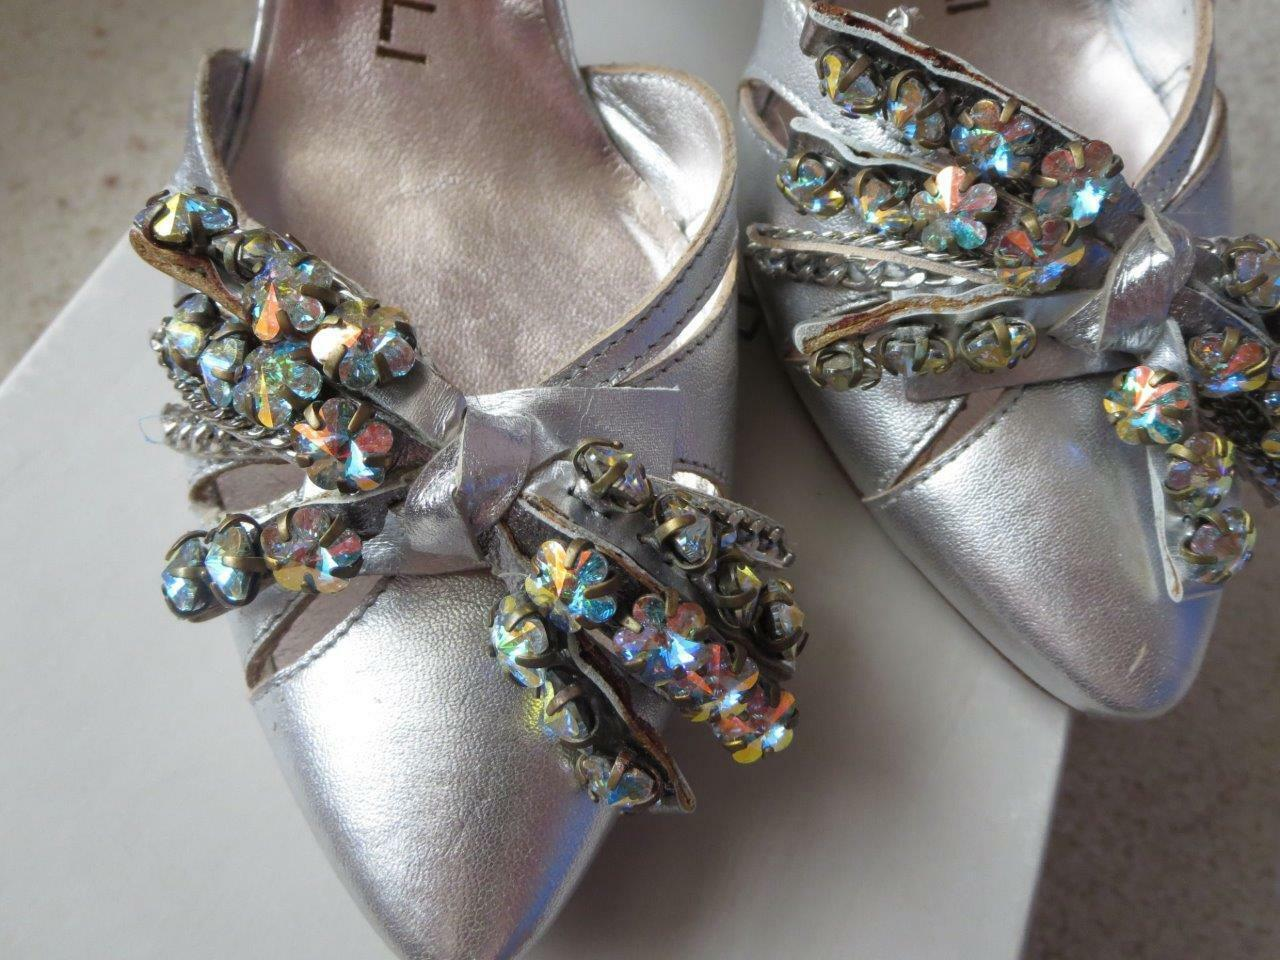 499 Nuevo en Caja Giancarlo Paoli Paoli Paoli diamantes de imitación de cuero de plata Bomba Zapatos EE. UU. 6 36 euros nuevo  precios mas baratos